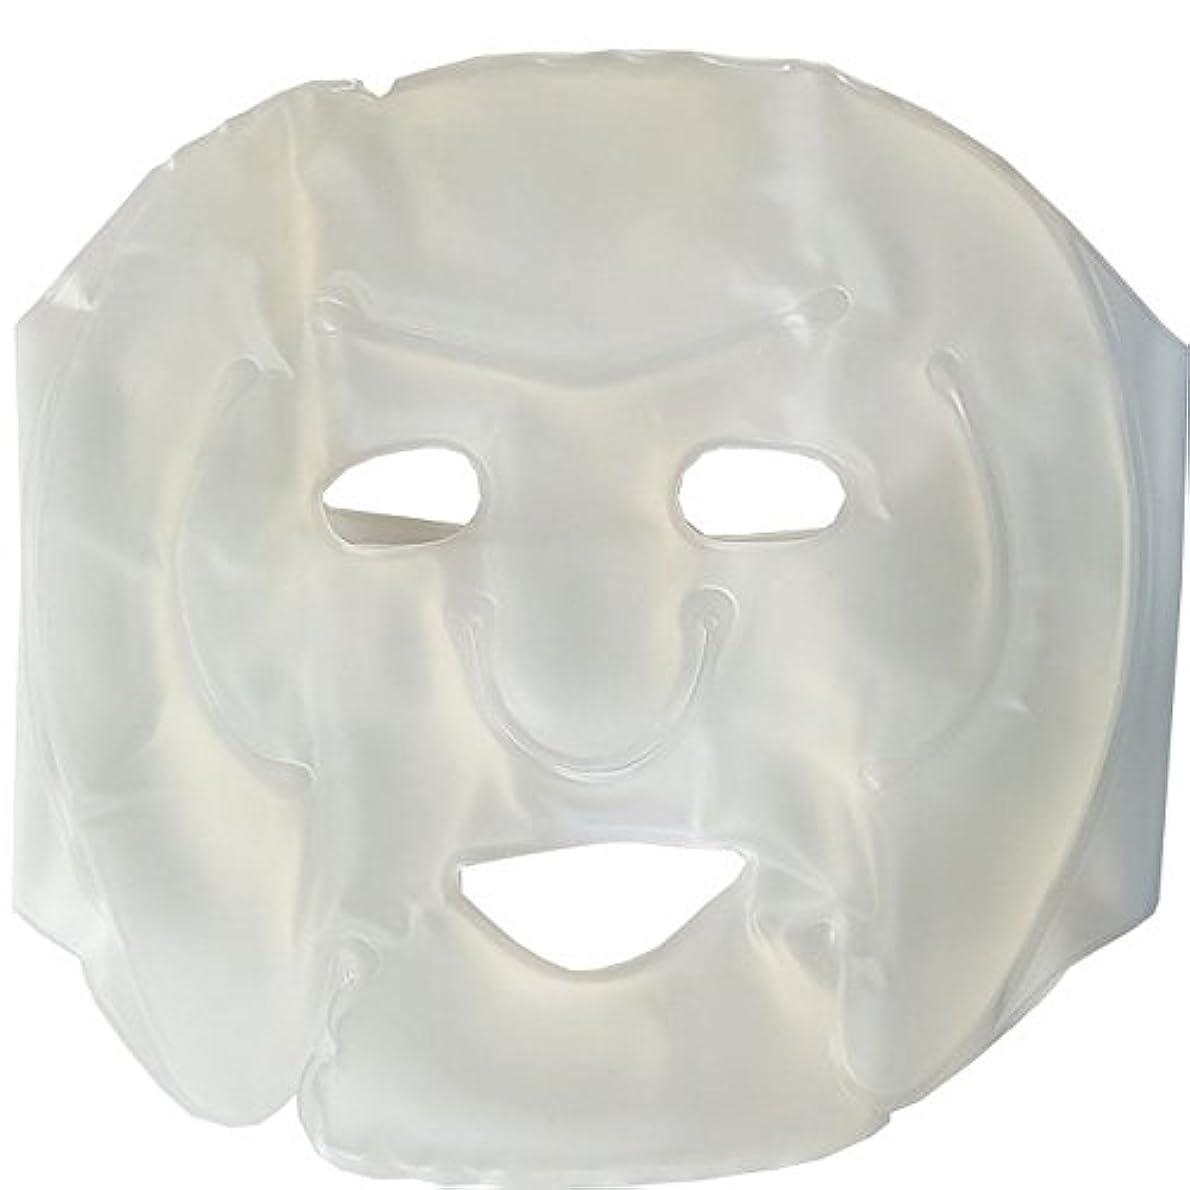 ウール強います真向こうMDP 顔マッサージジェルマスク アイスジェルパック 冷却パック アイスマスク アイスパック レーザー後の鎮静に グリーン